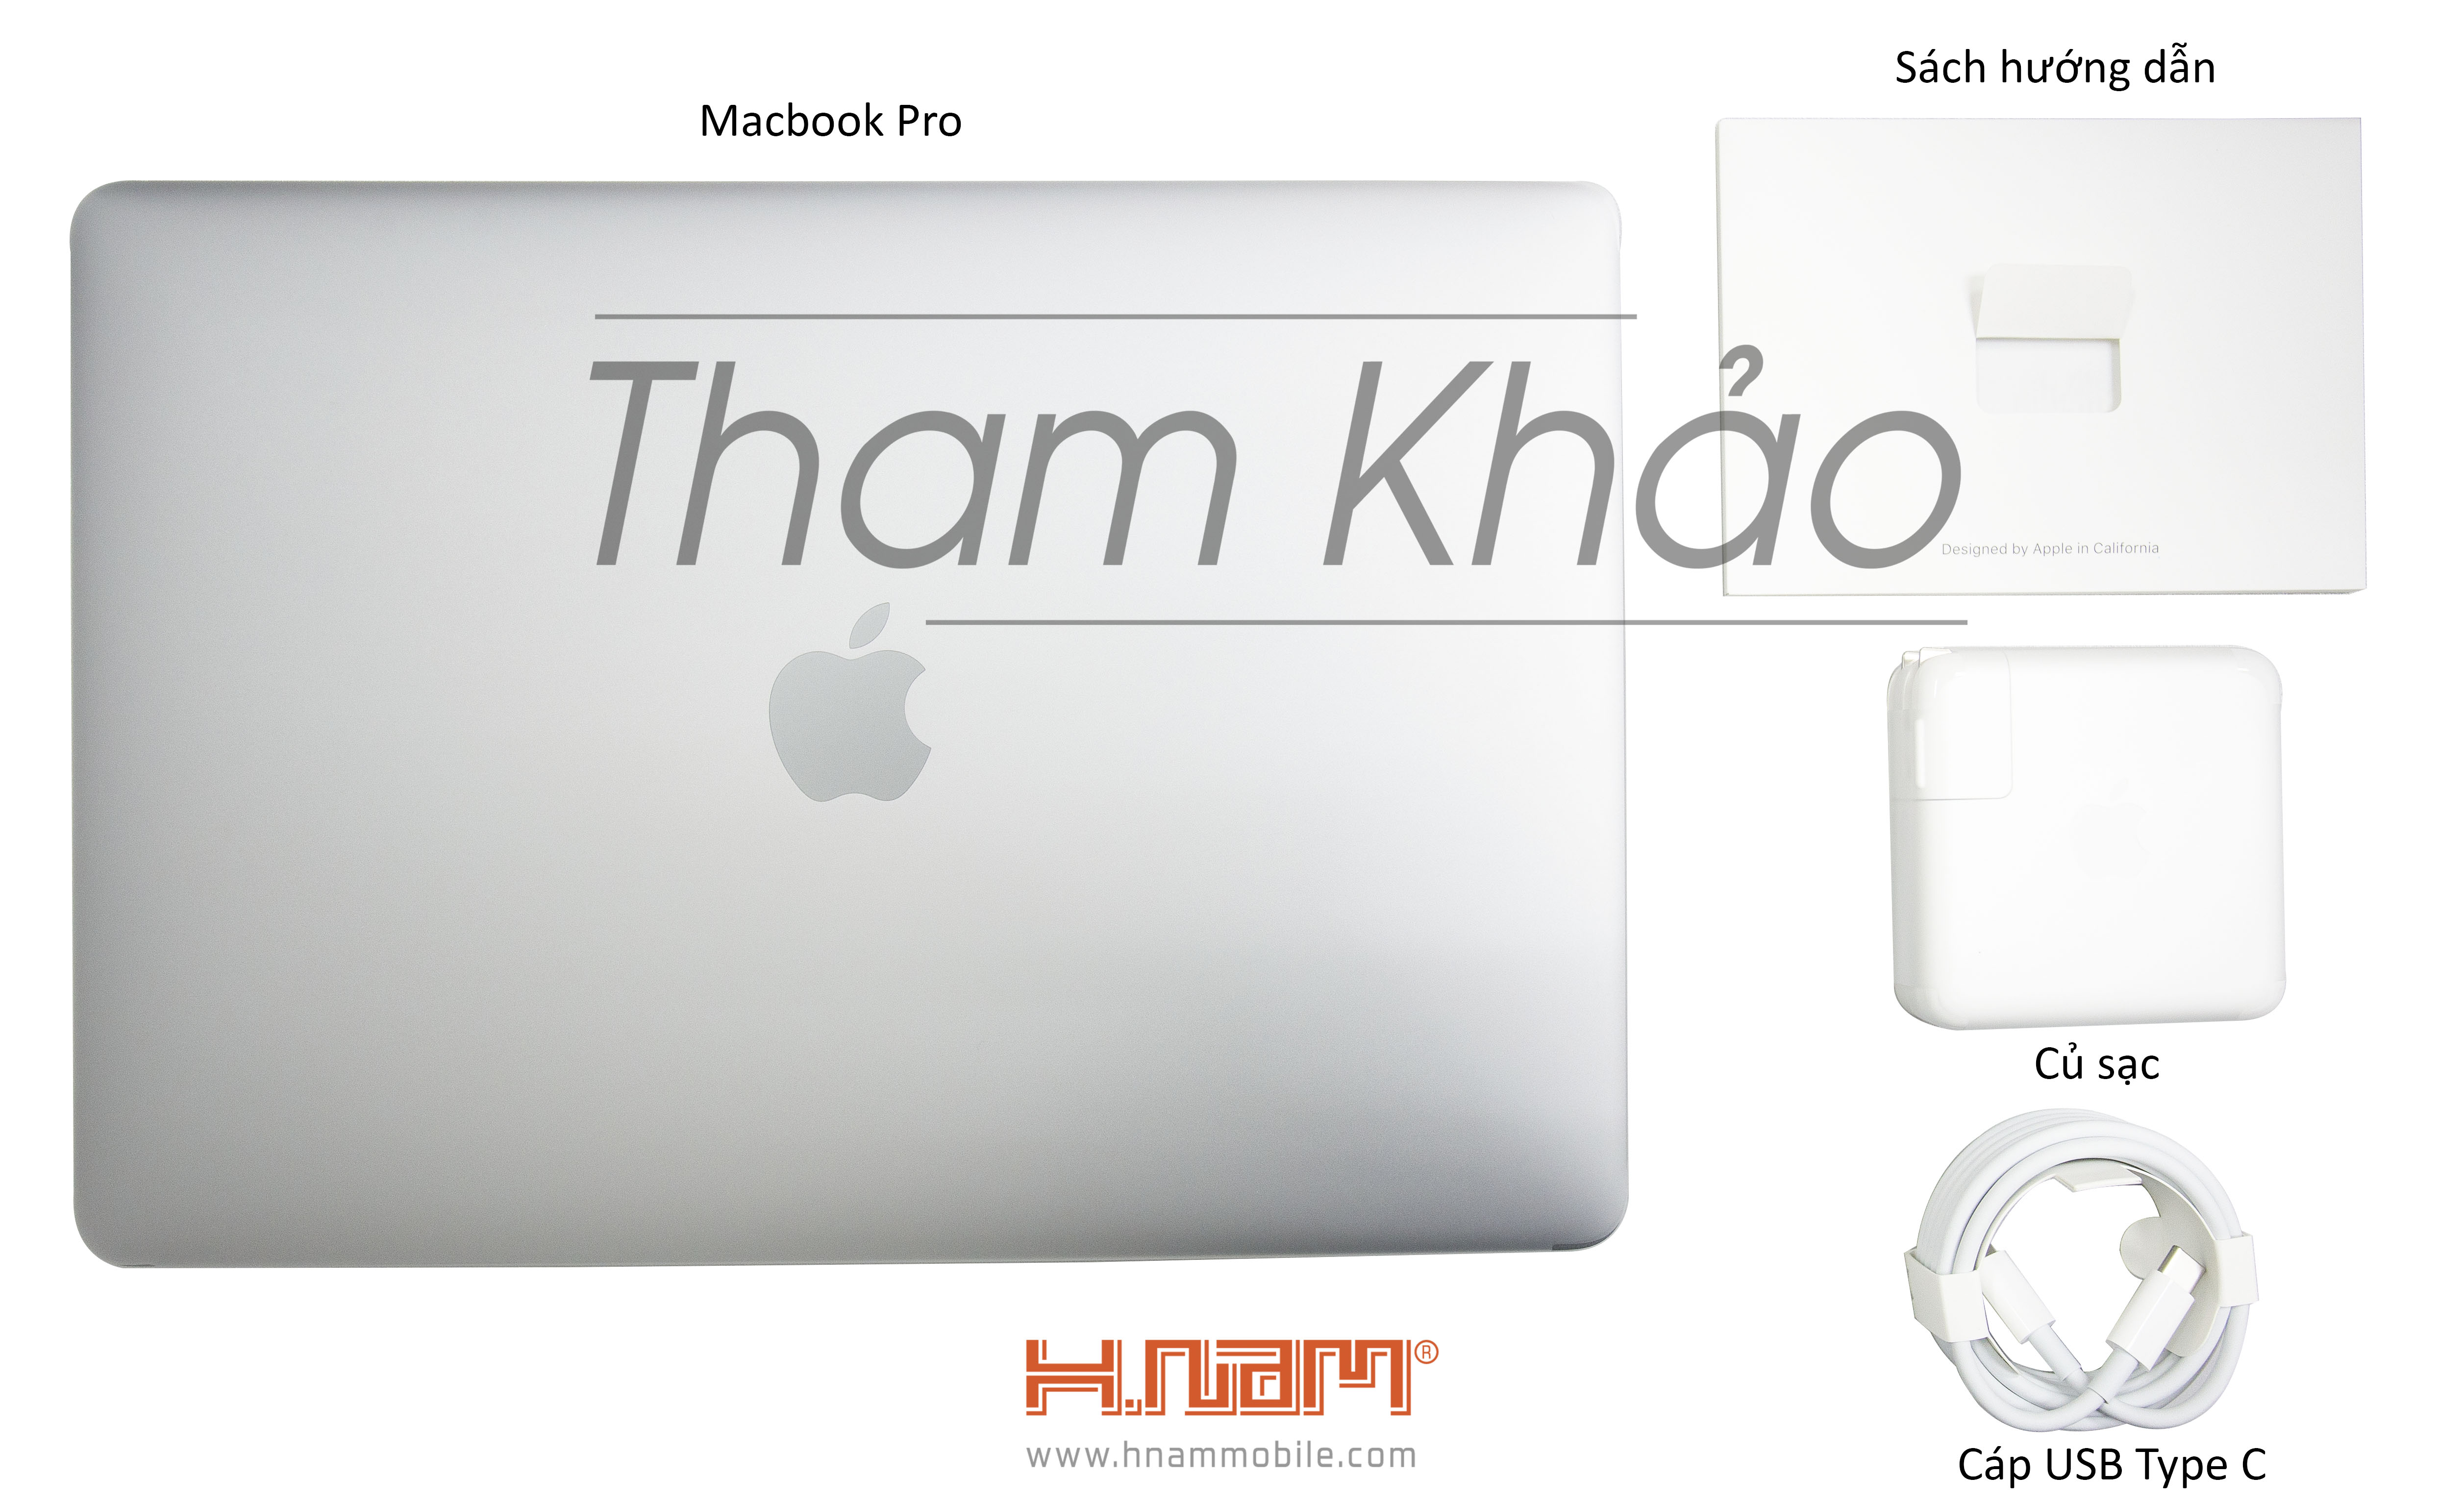 MacBook Pro 15 inch Touch Bar 2019 MV912 512GB Gray hình sản phẩm 0